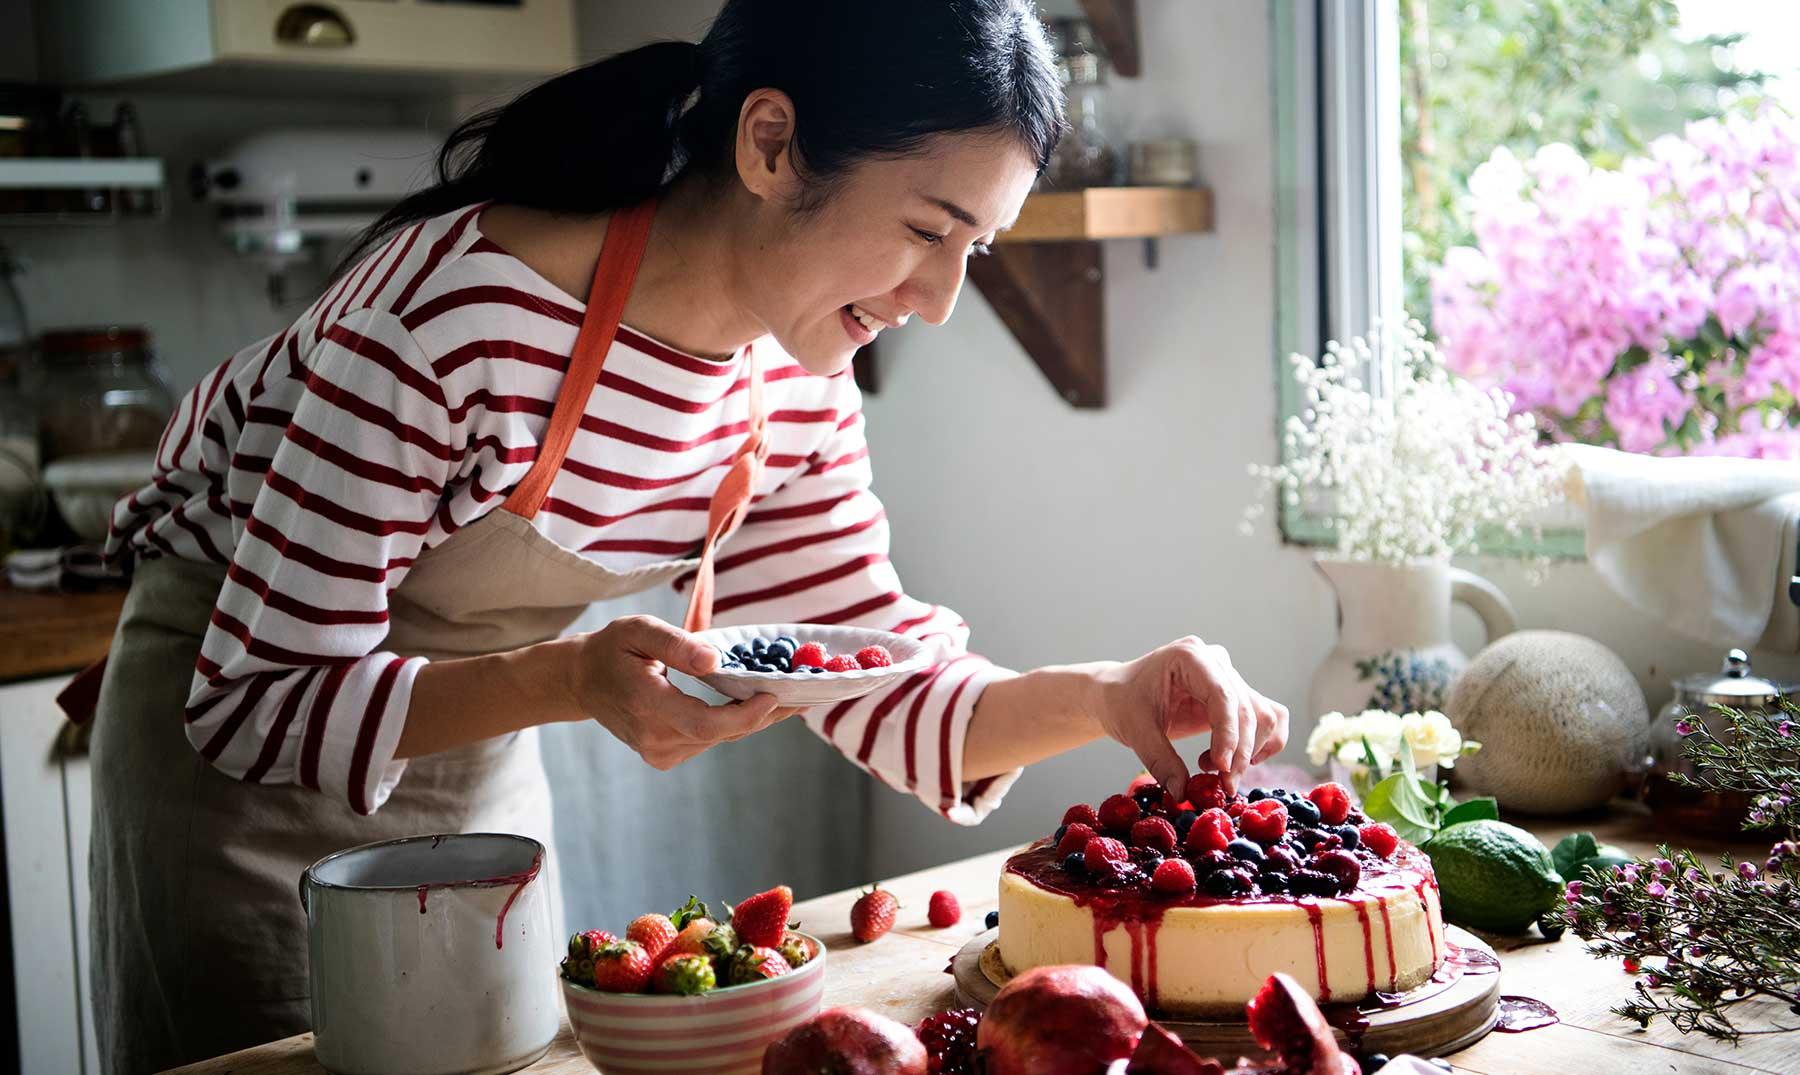 mujer-preparando-tarta-en-su-cocina